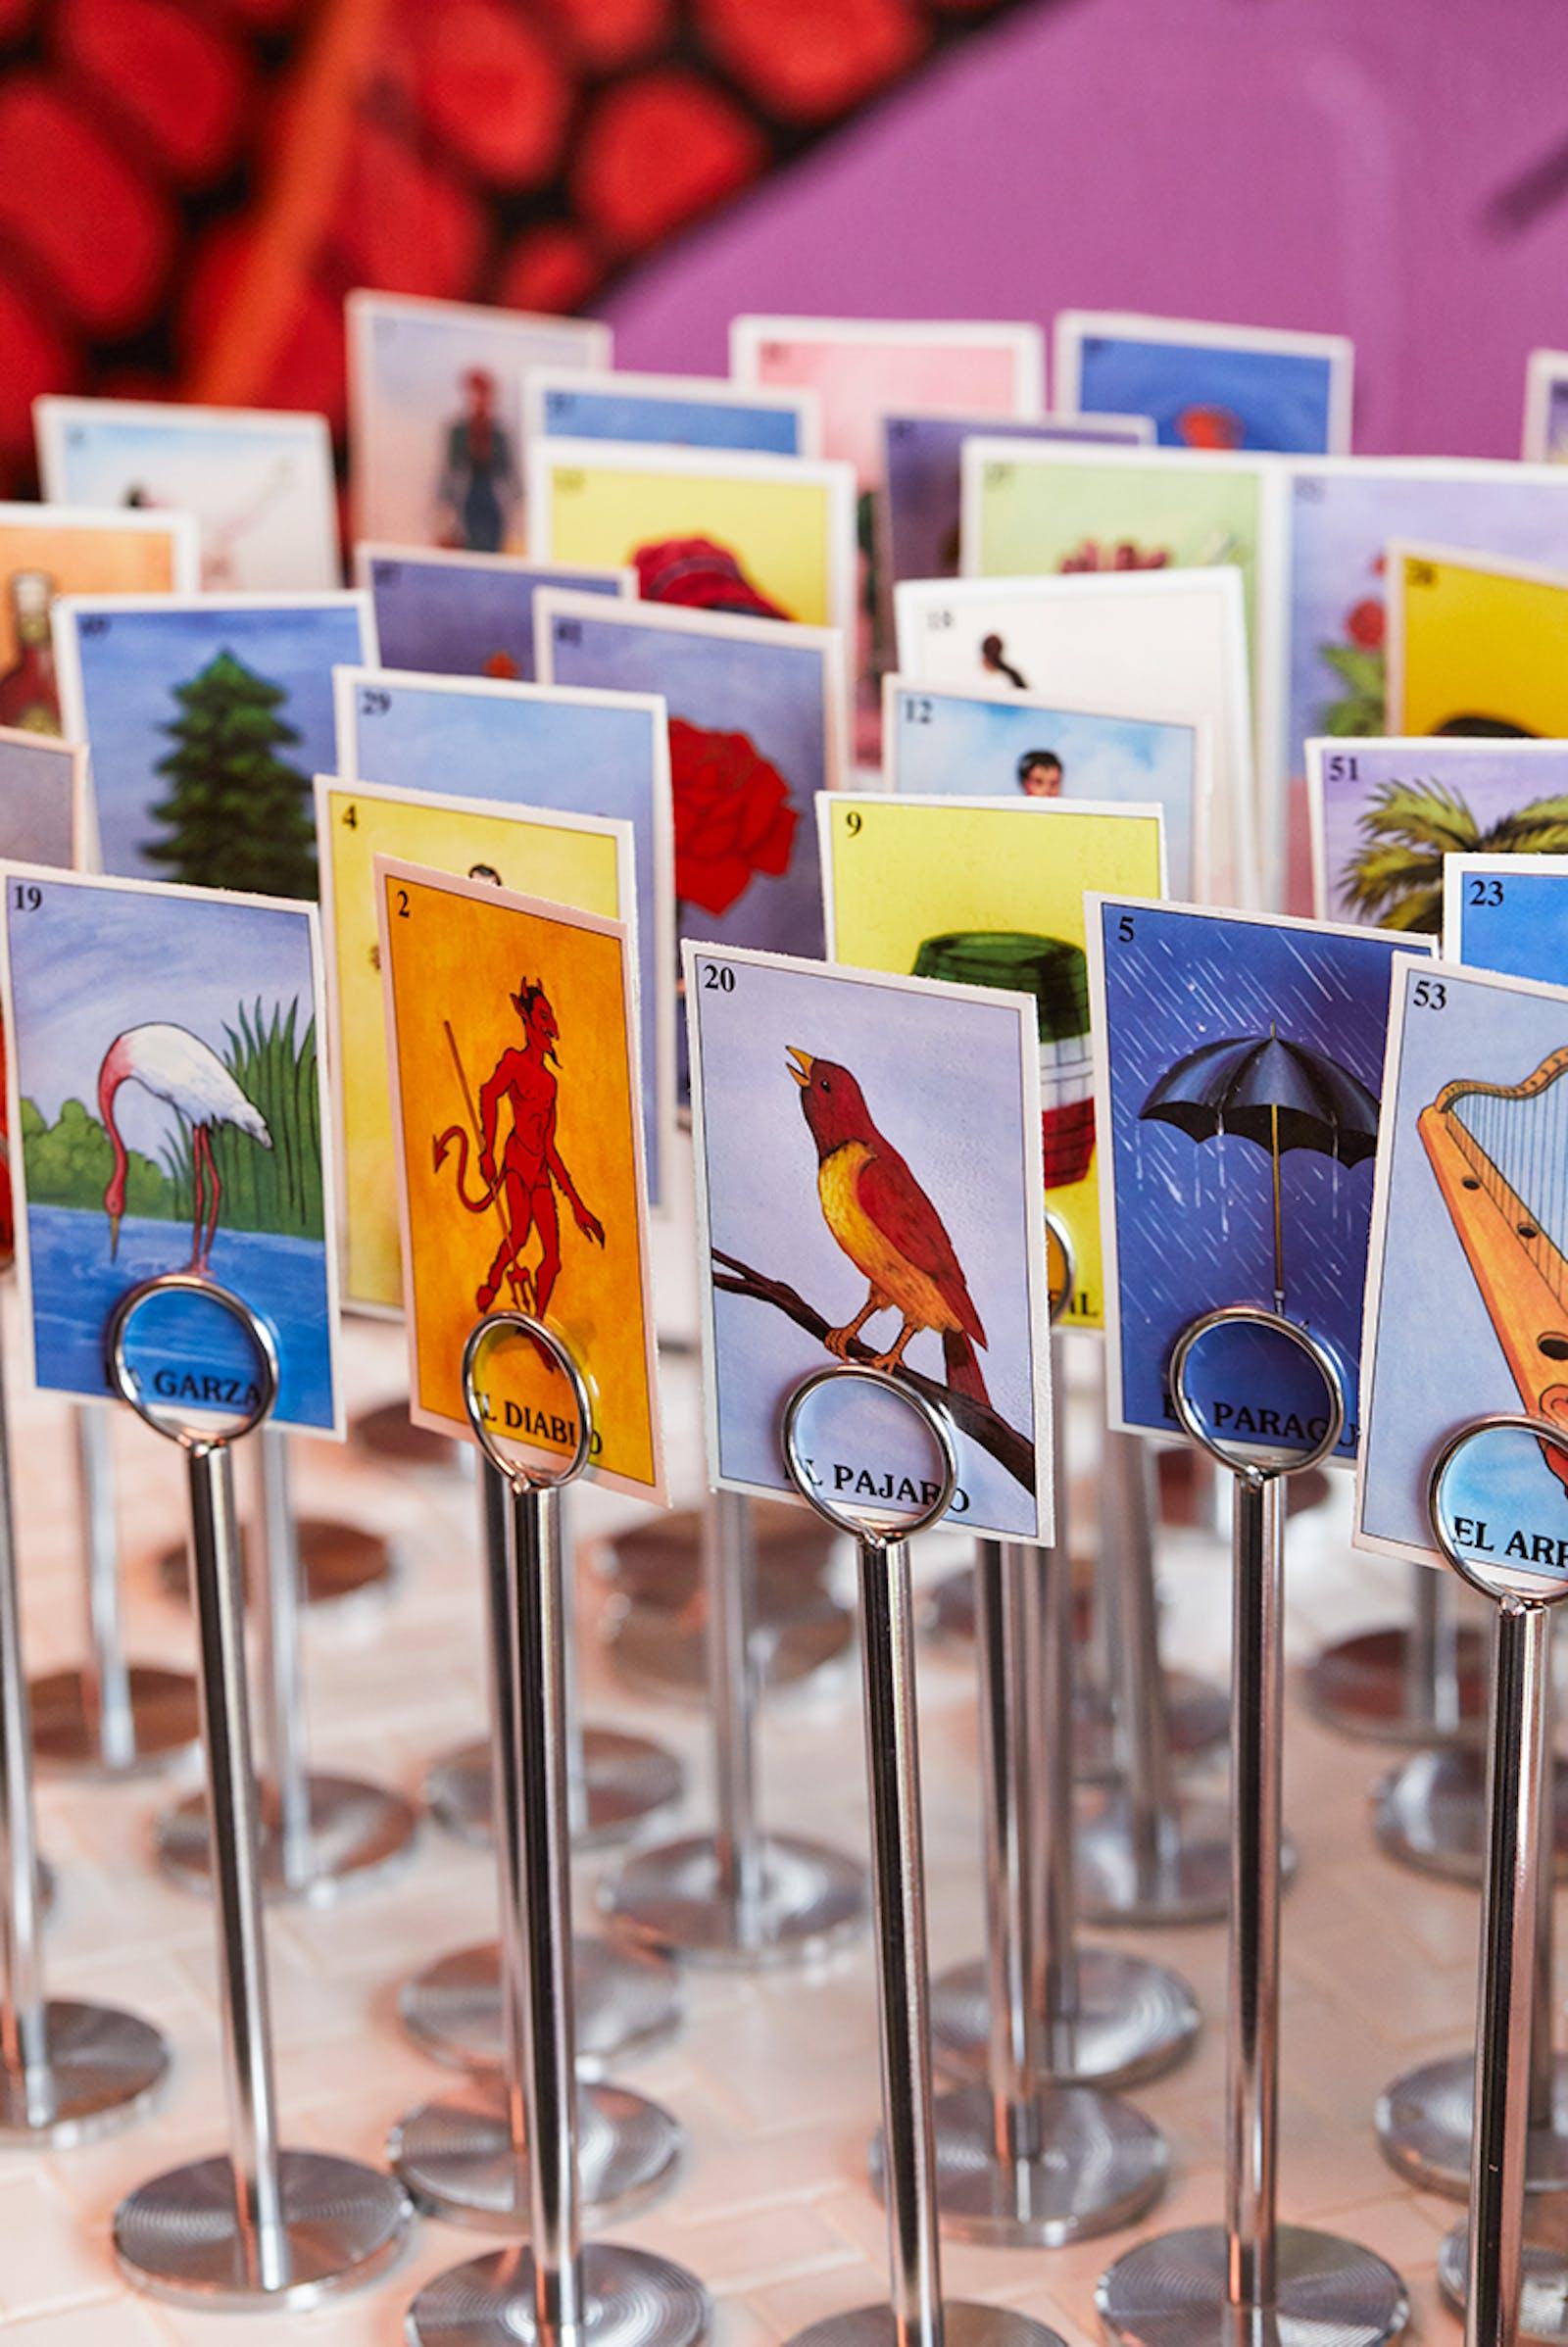 Loteria cards at Nixta taqueria in Austin Texas